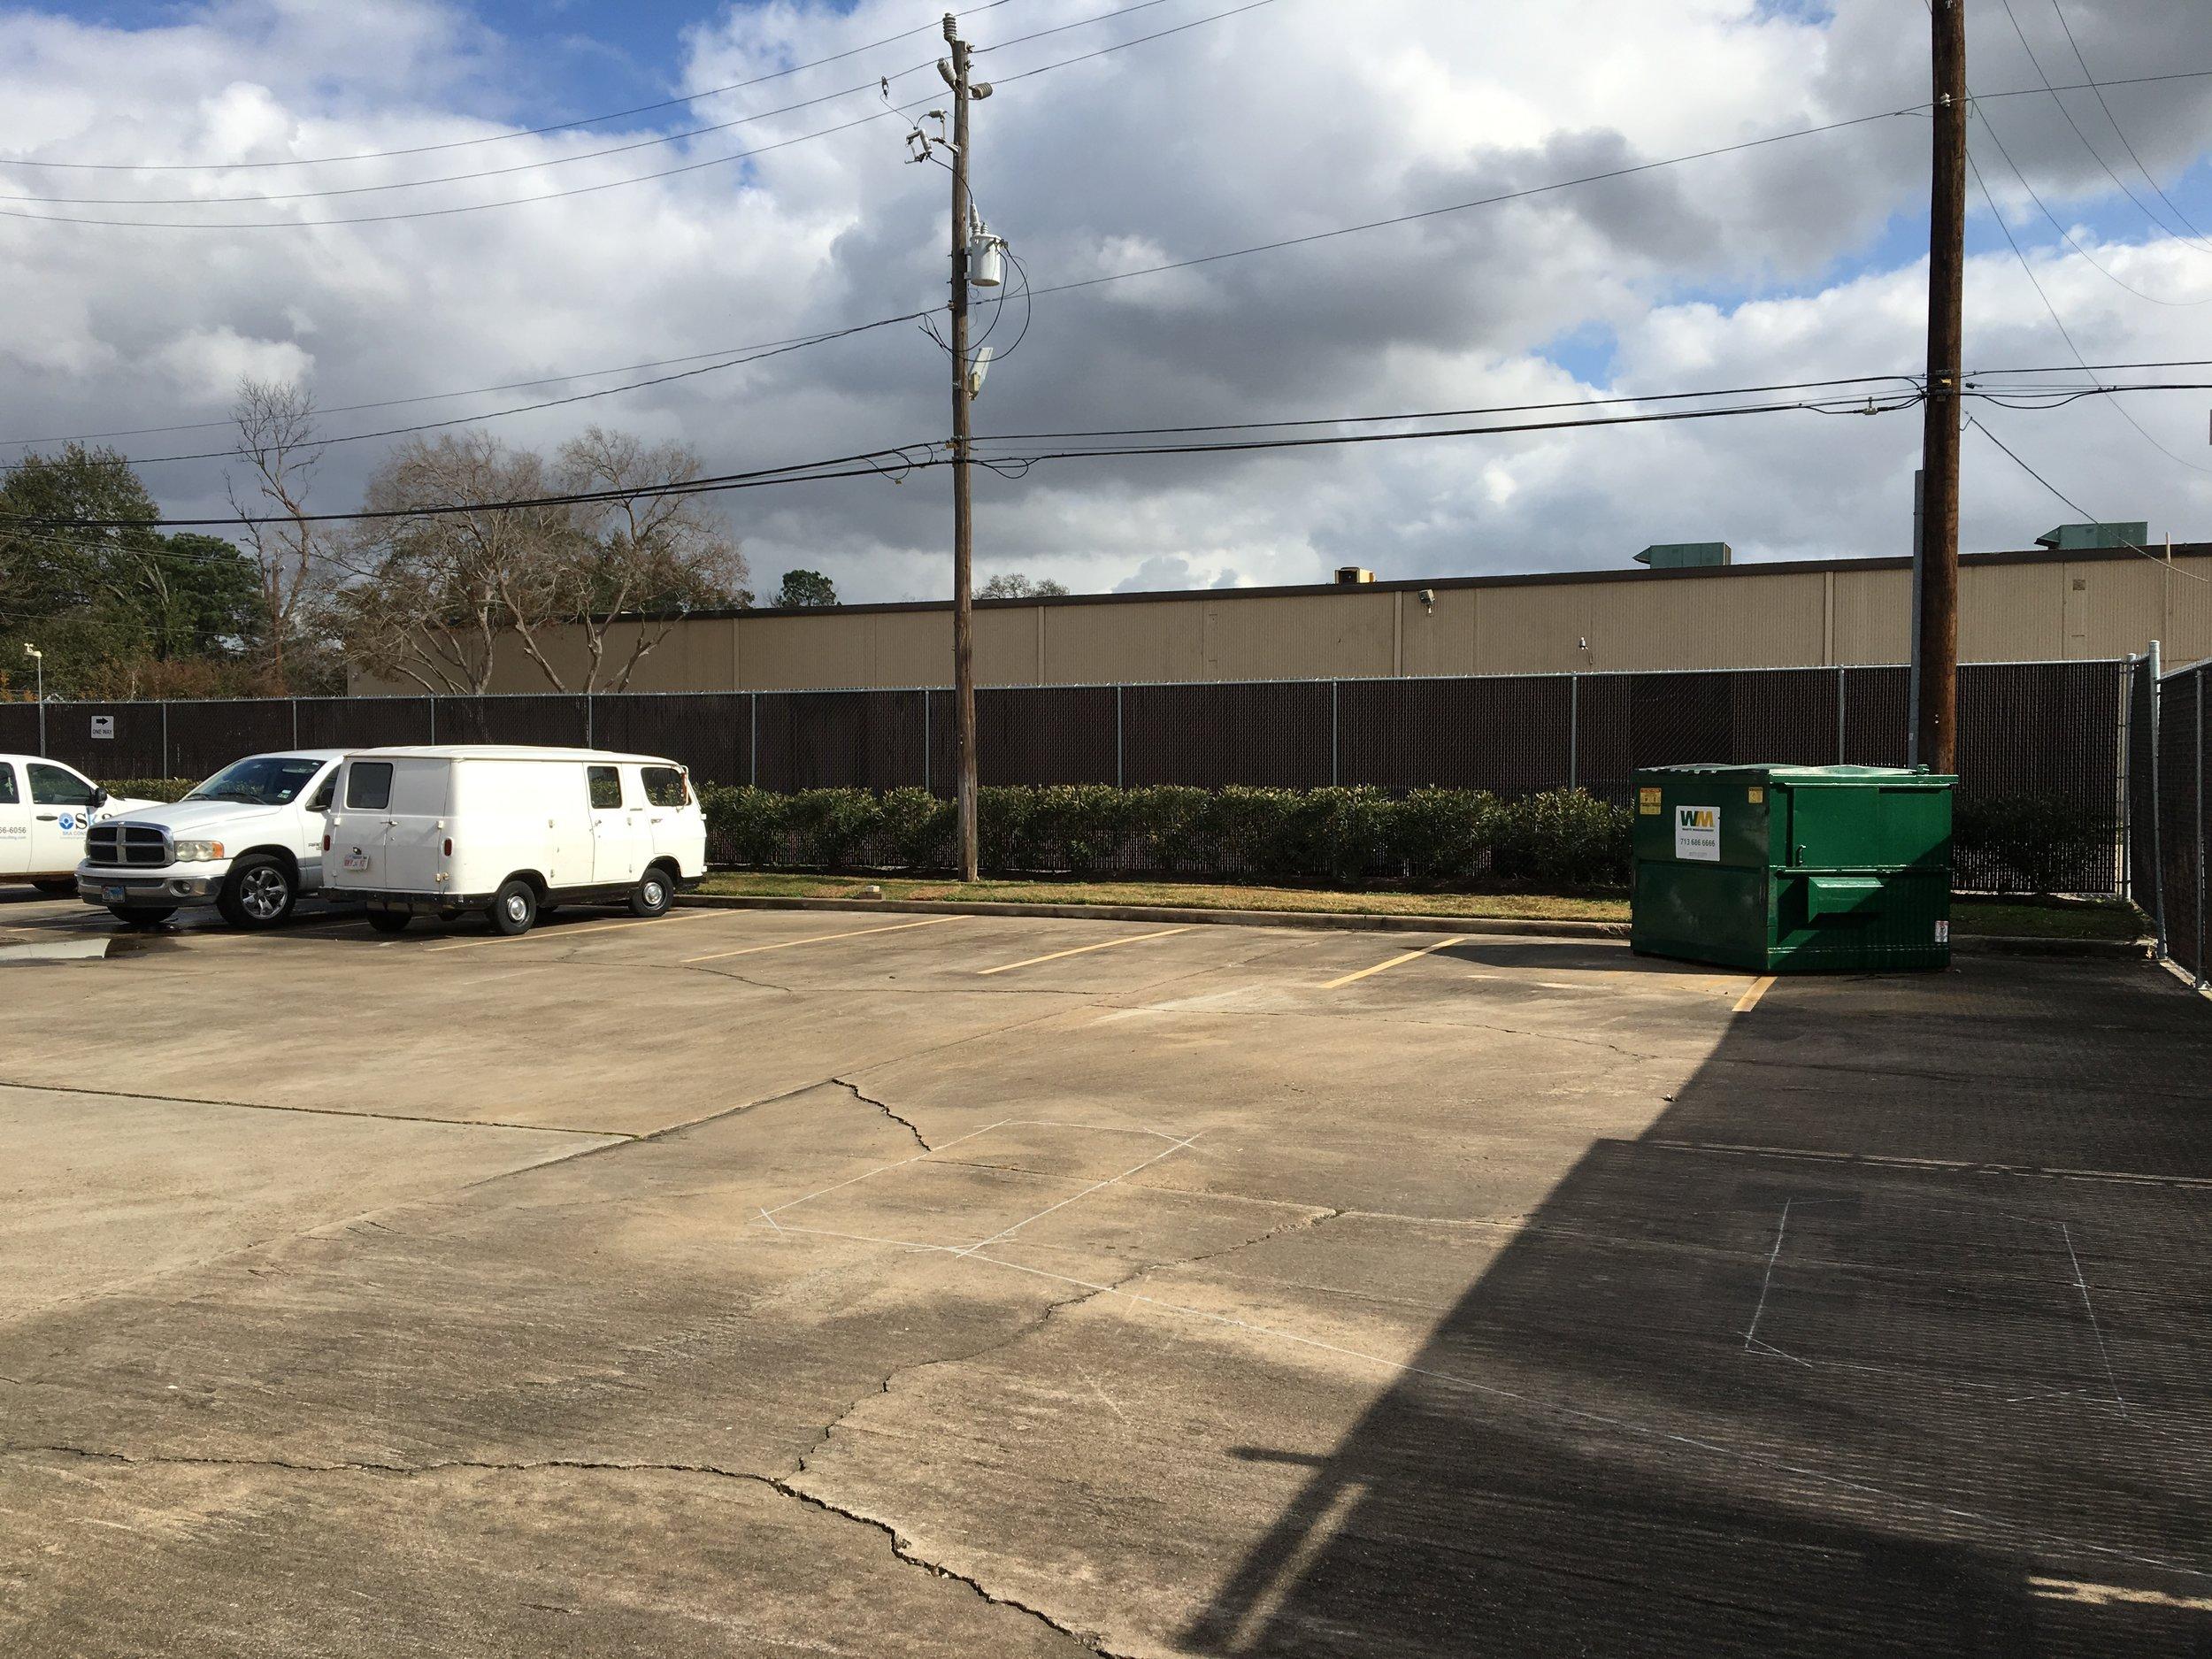 Back parking lot dumpster